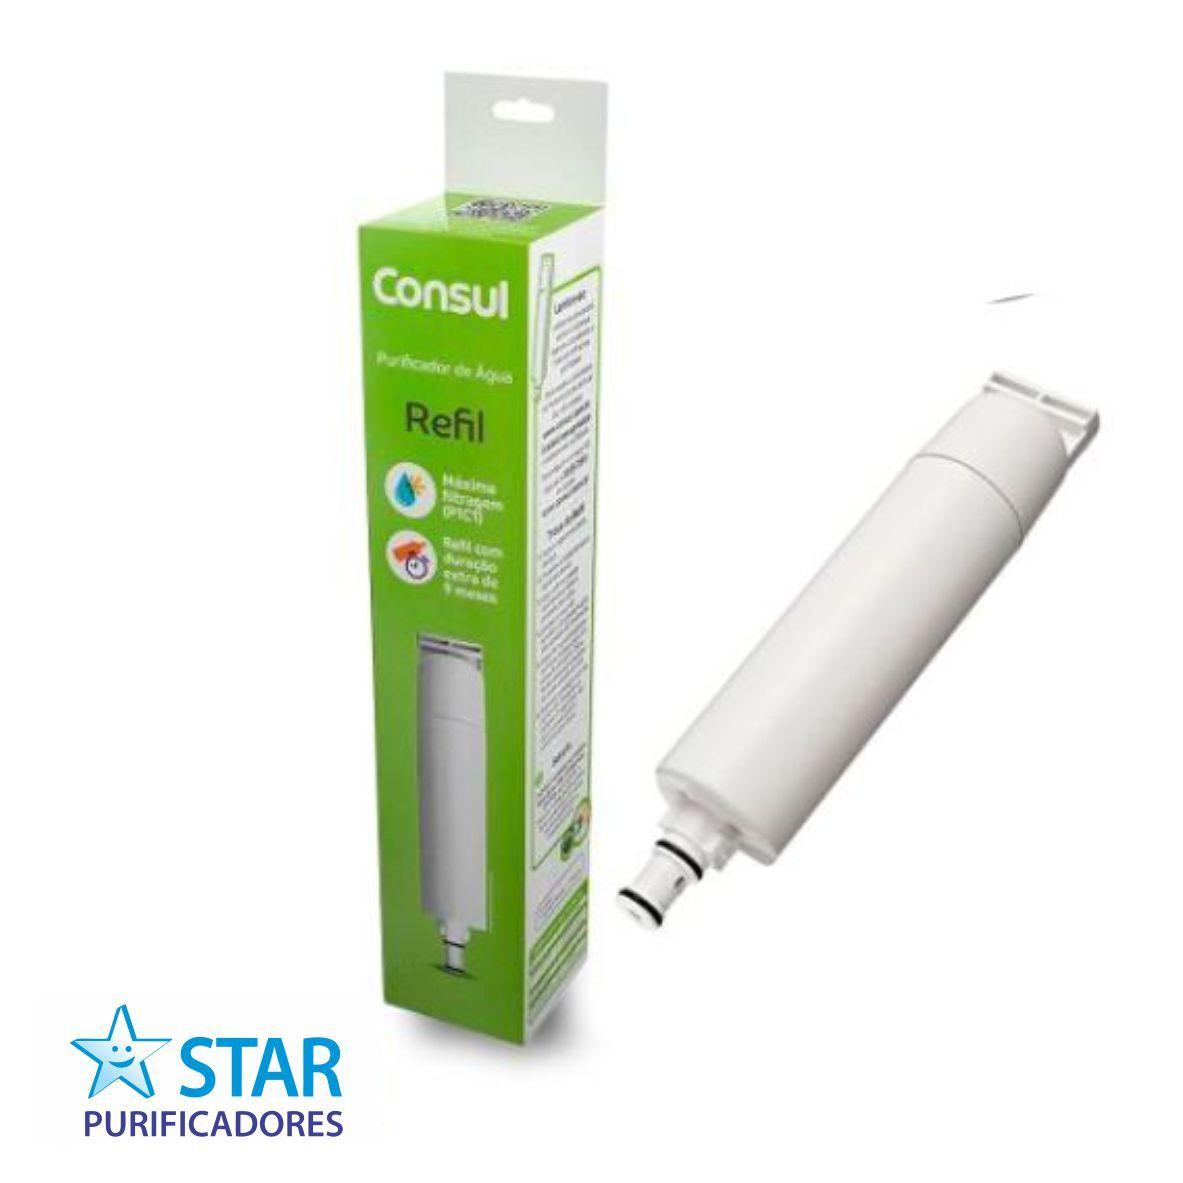 Refil Consul (CIX01AX)  - Star Purificadores